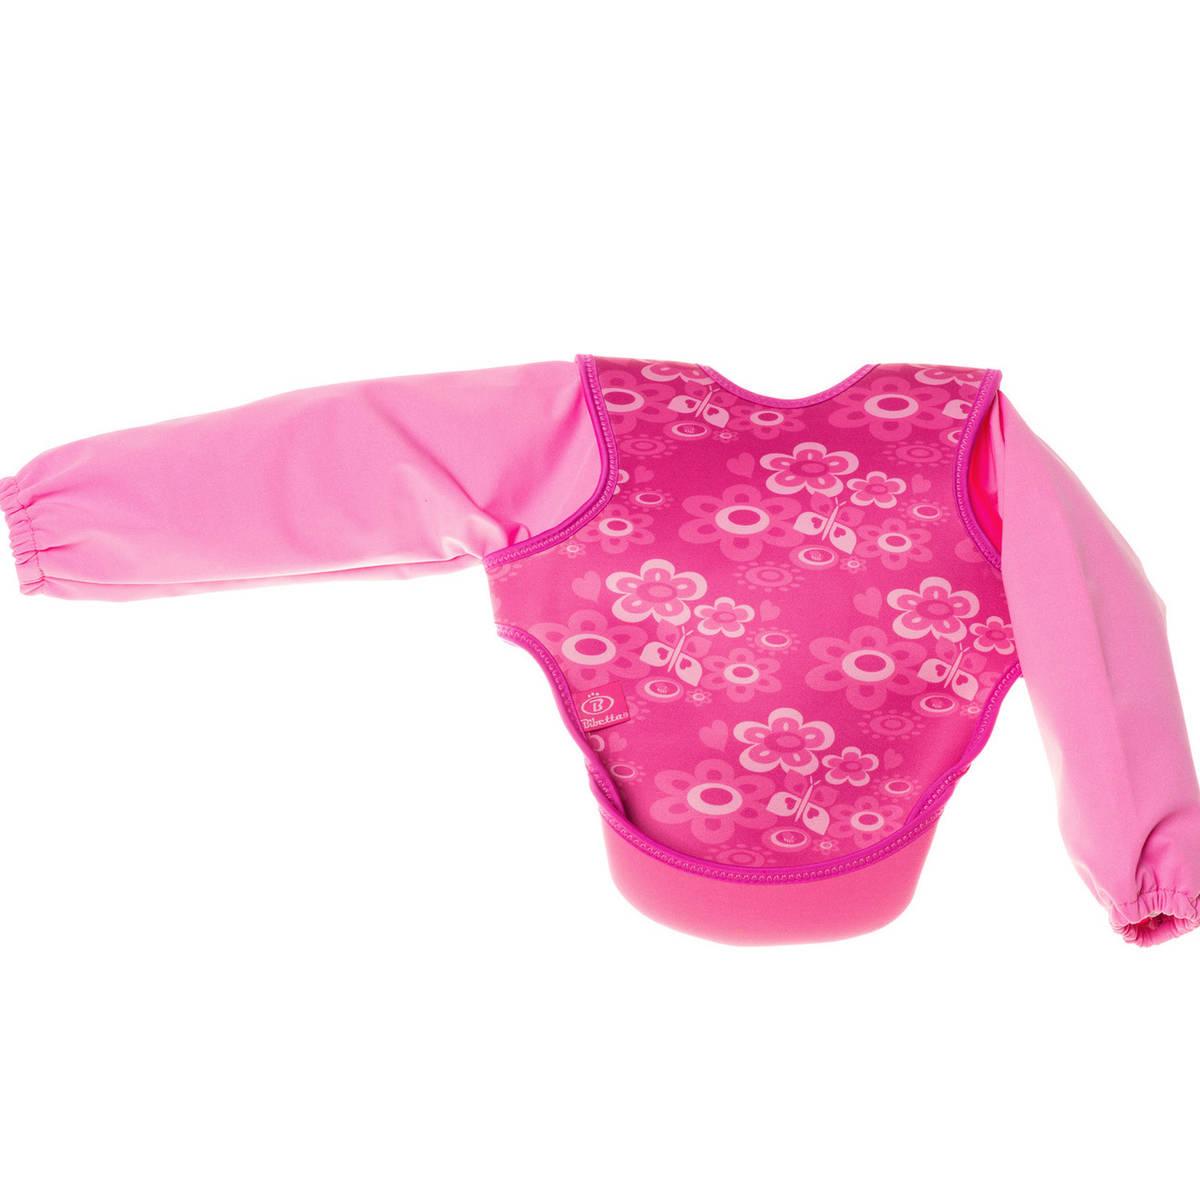 Pinkki - Ruokalaput hihoilla - 4547763202 - 1